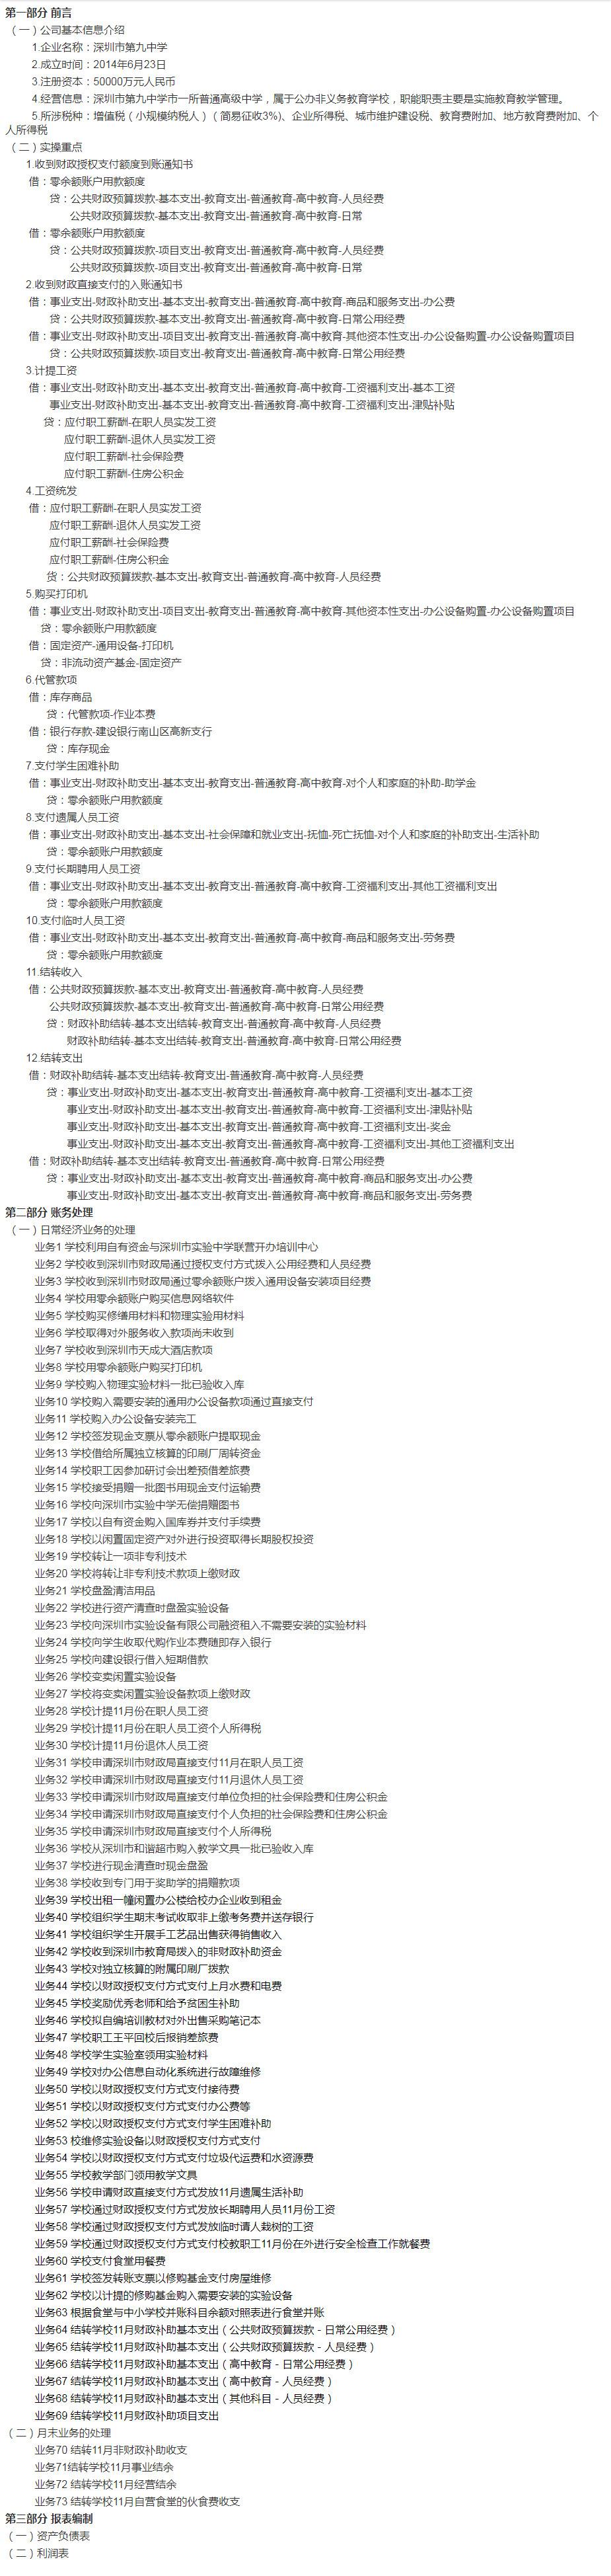 2018-04-16_091246.jpg